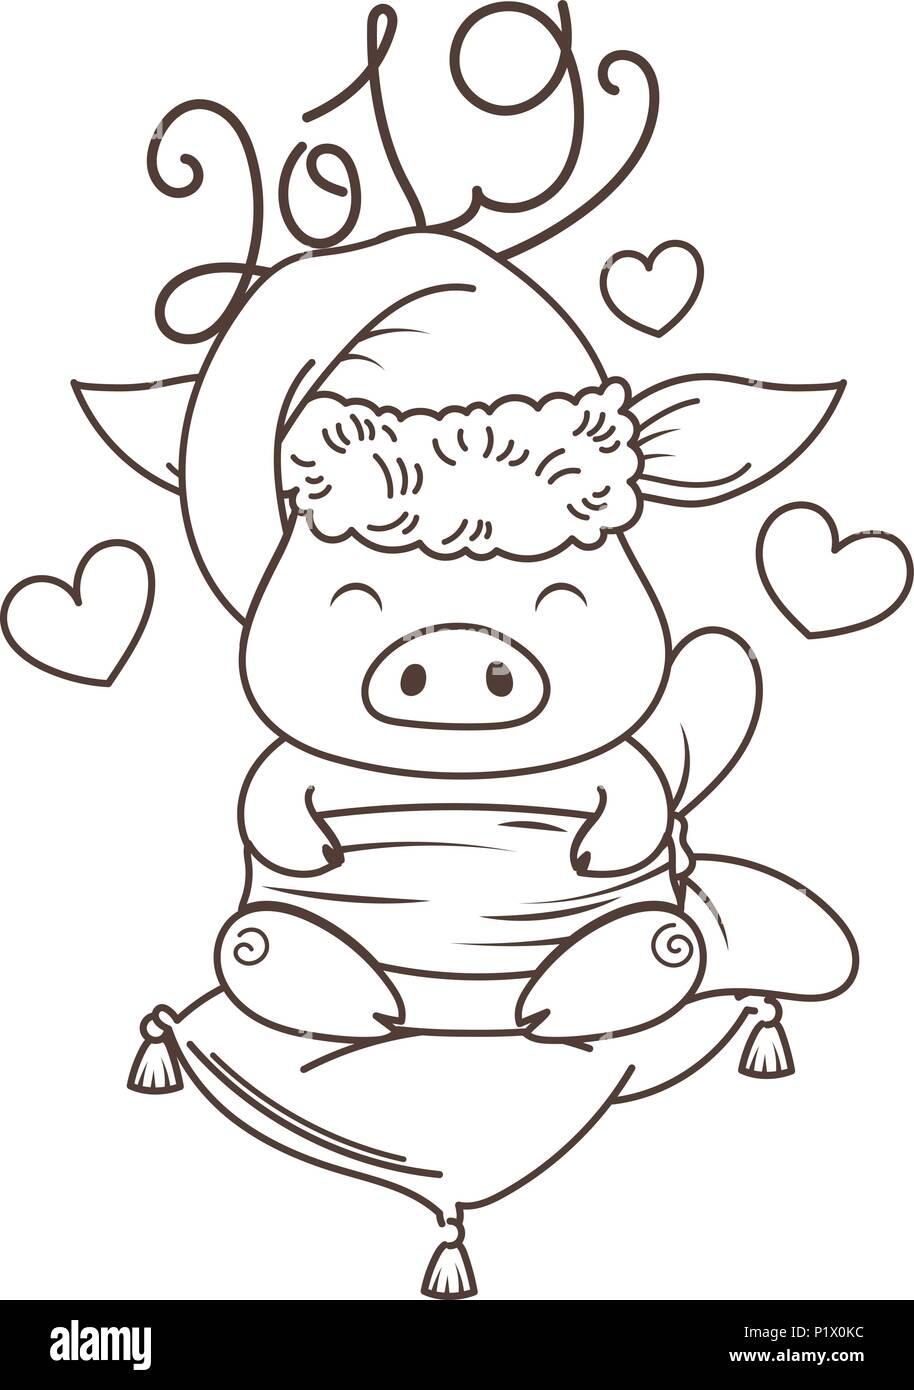 Cute Dibujos Animados De Cerdo En Amor Con El Arbol De Navidad